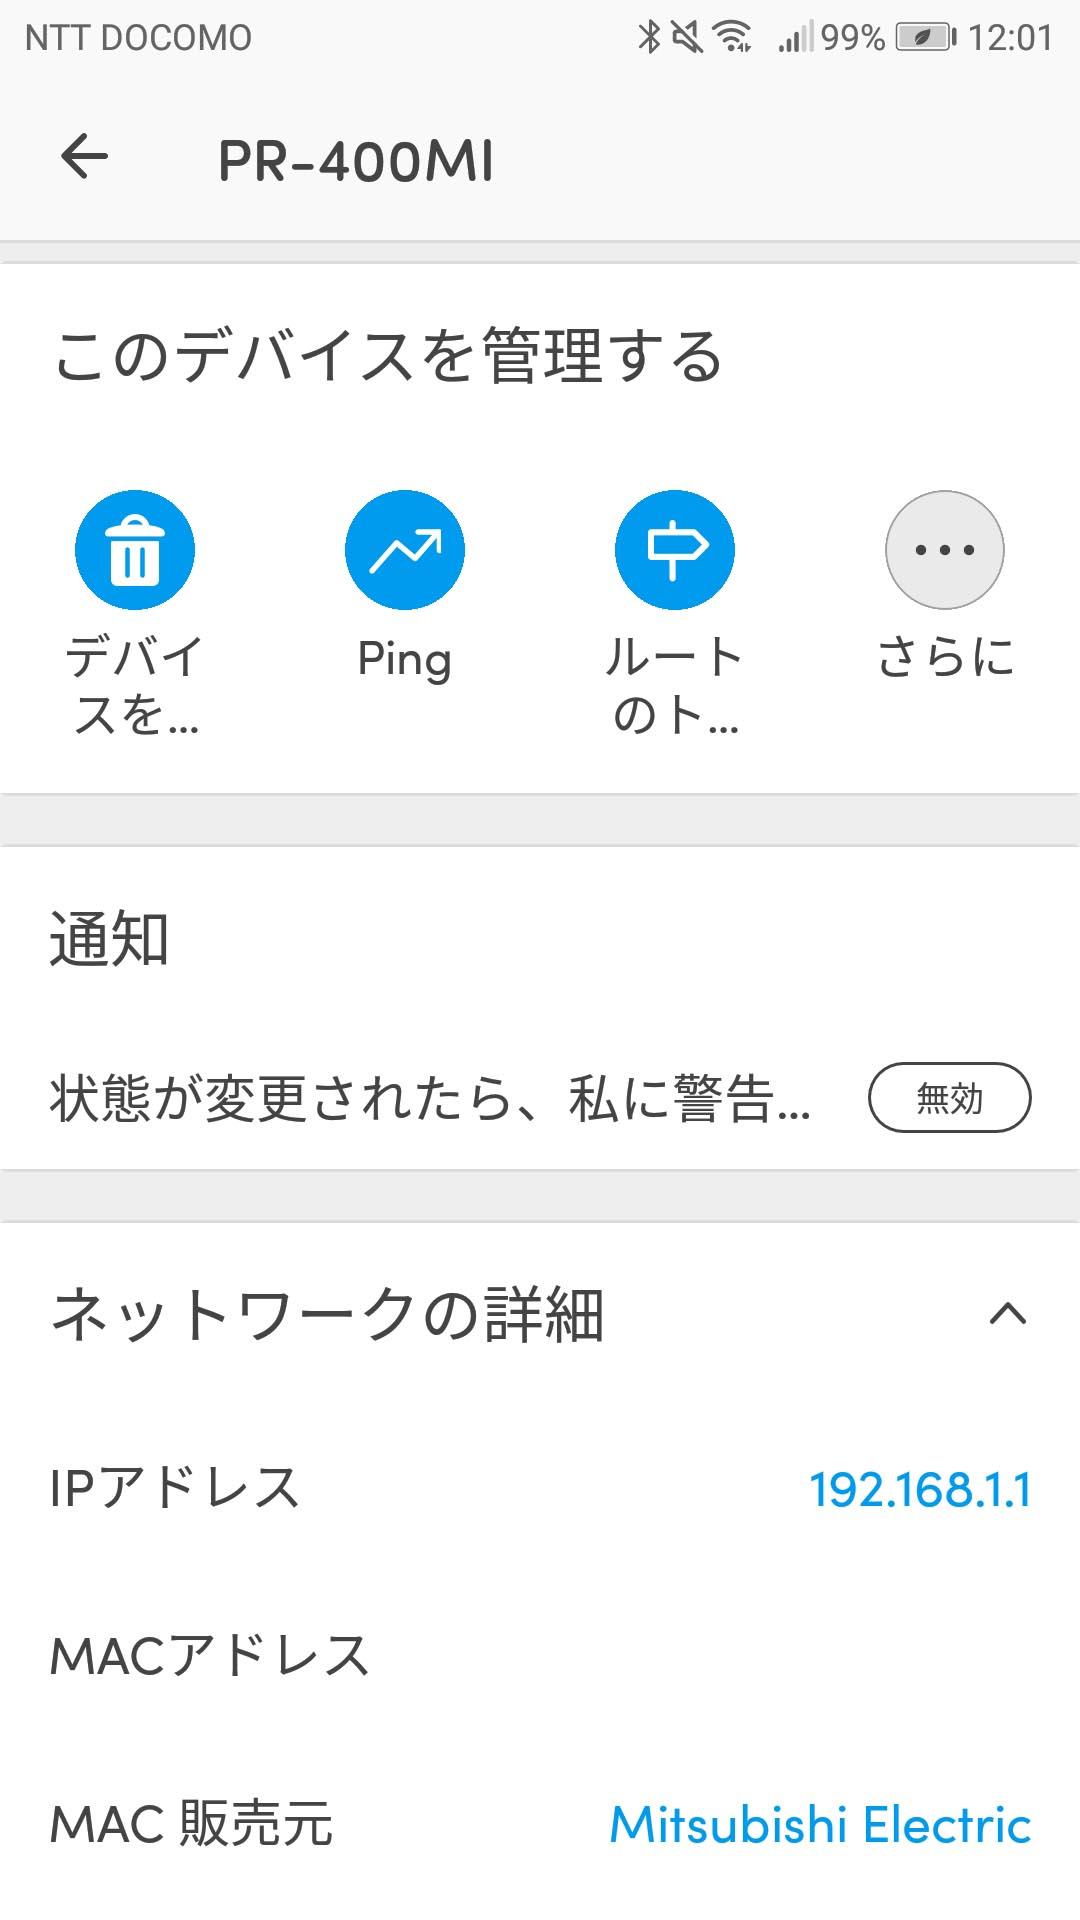 チェックしたいデバイスを選び、[Ping]ボタンをタップ